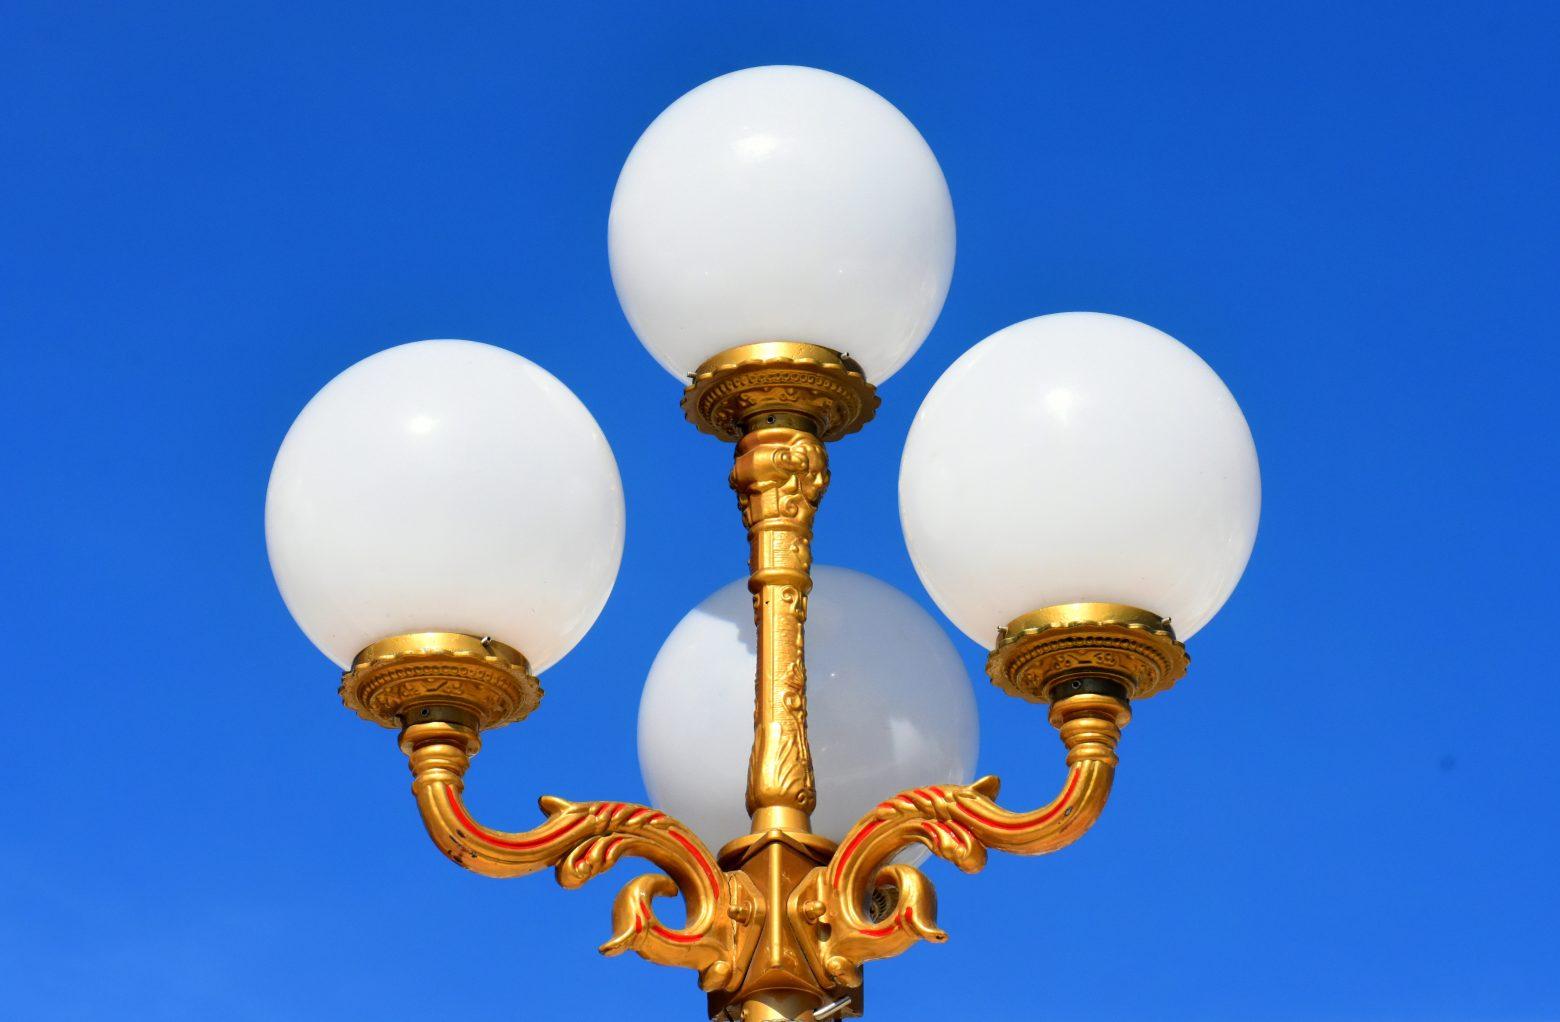 lamp-3354560